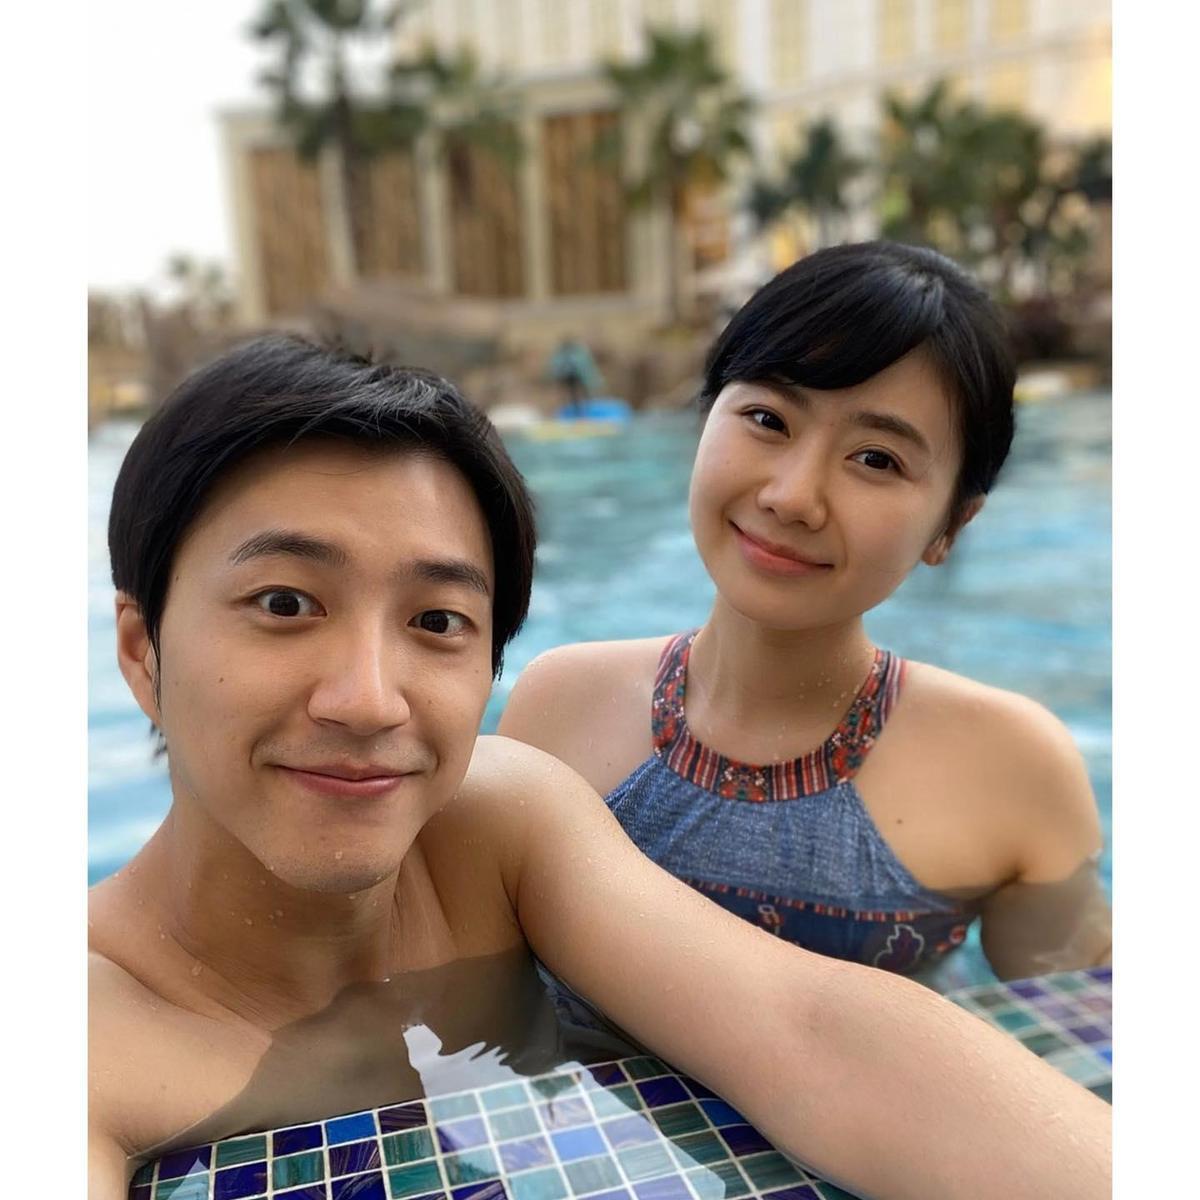 江宏傑福原愛去年之前還常在社交平台上曬恩愛。(翻攝福原愛臉書)